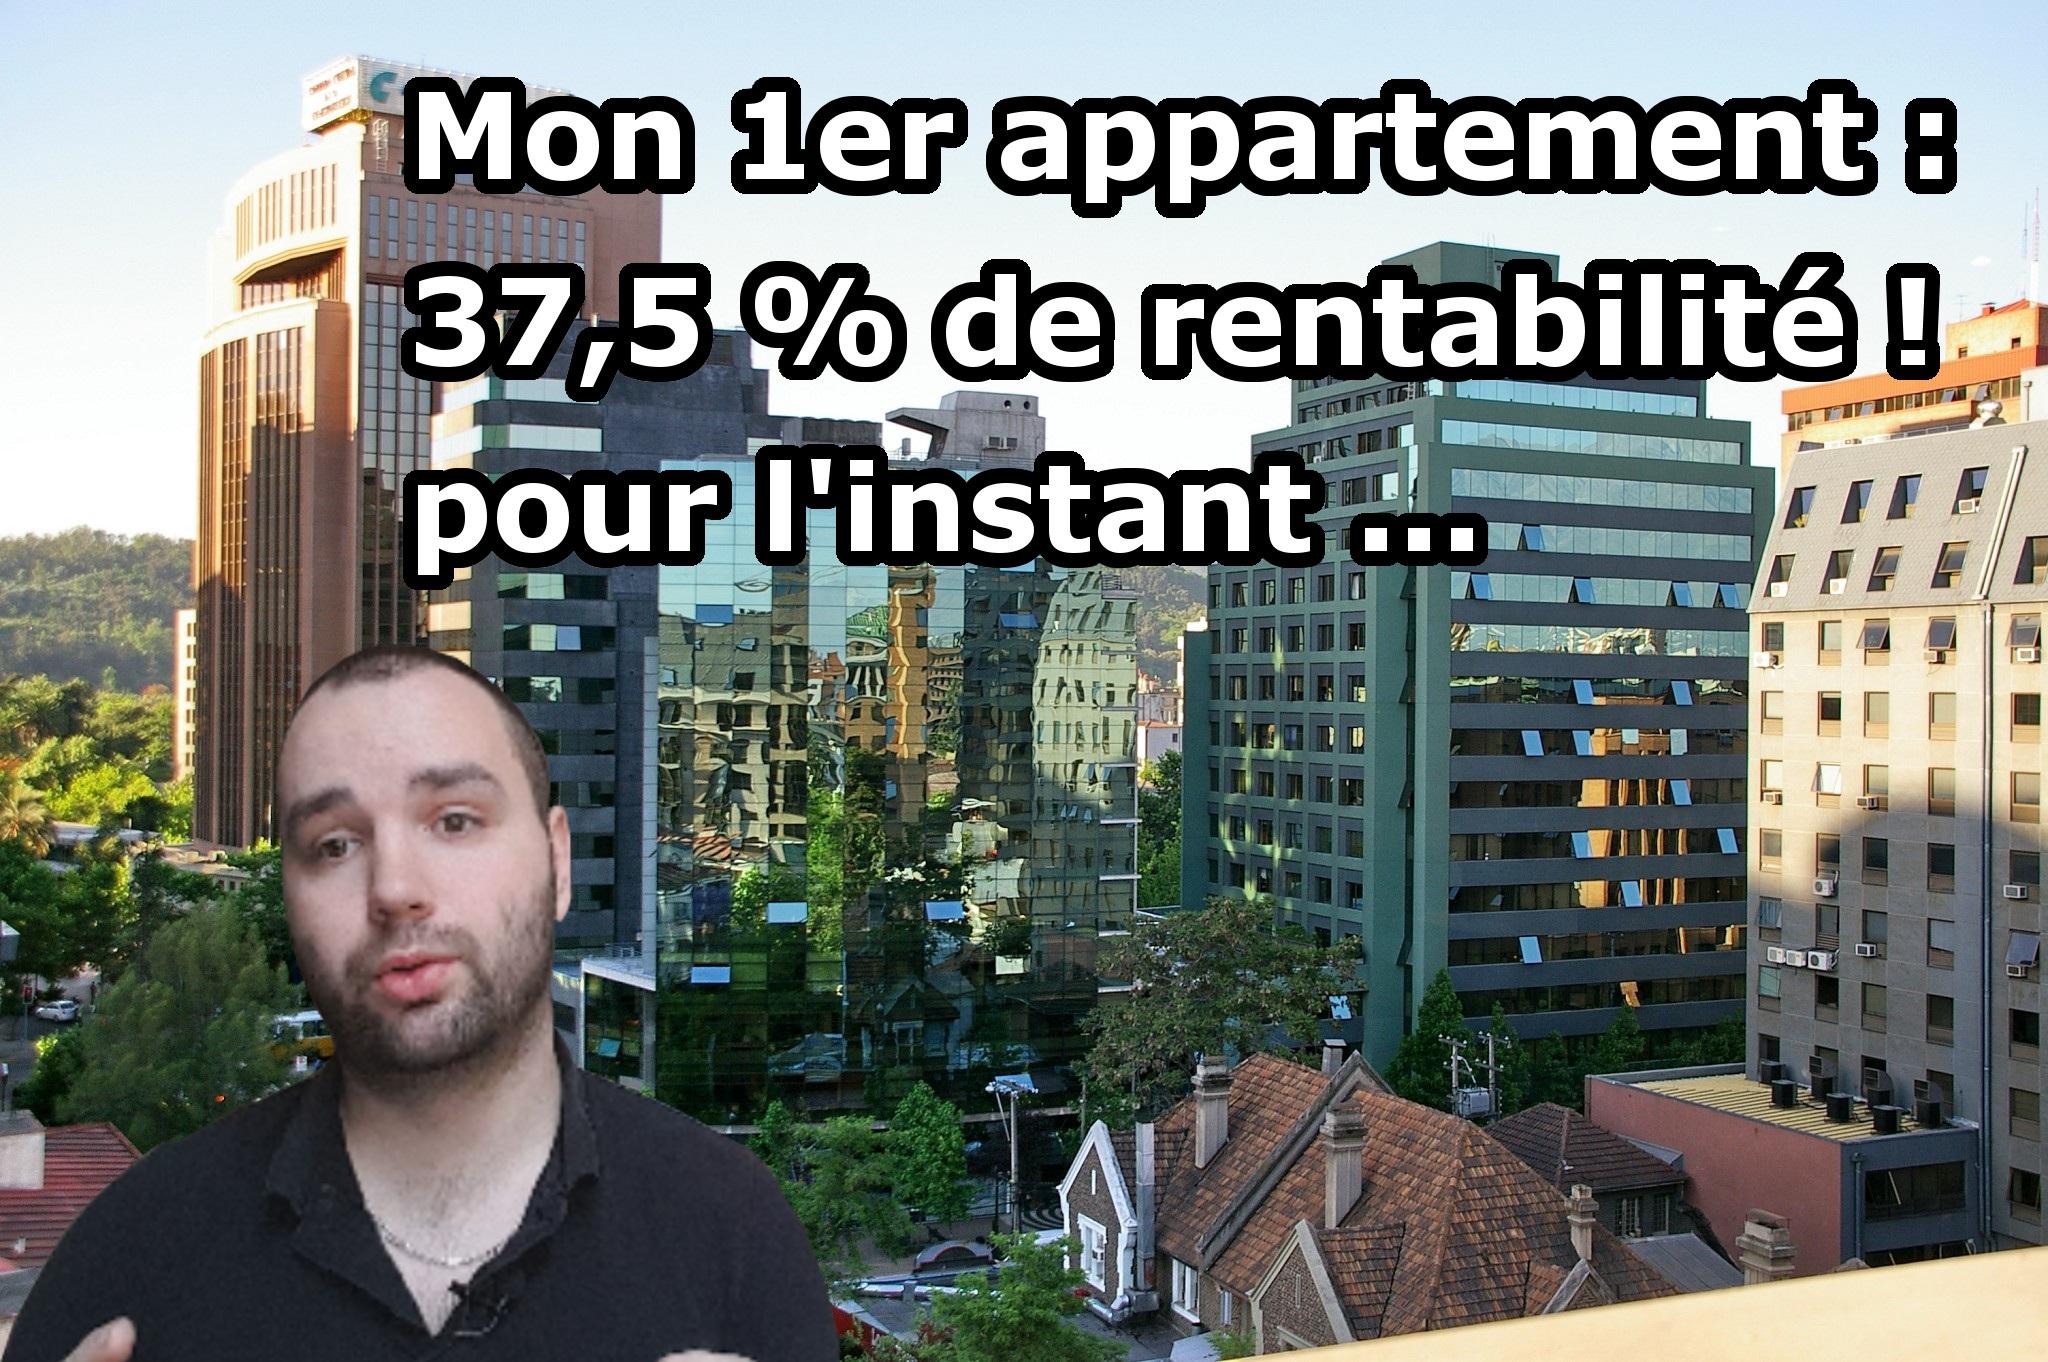 Mon 1er appartement : 37,5 % de rentabilité ! pour l'instant …